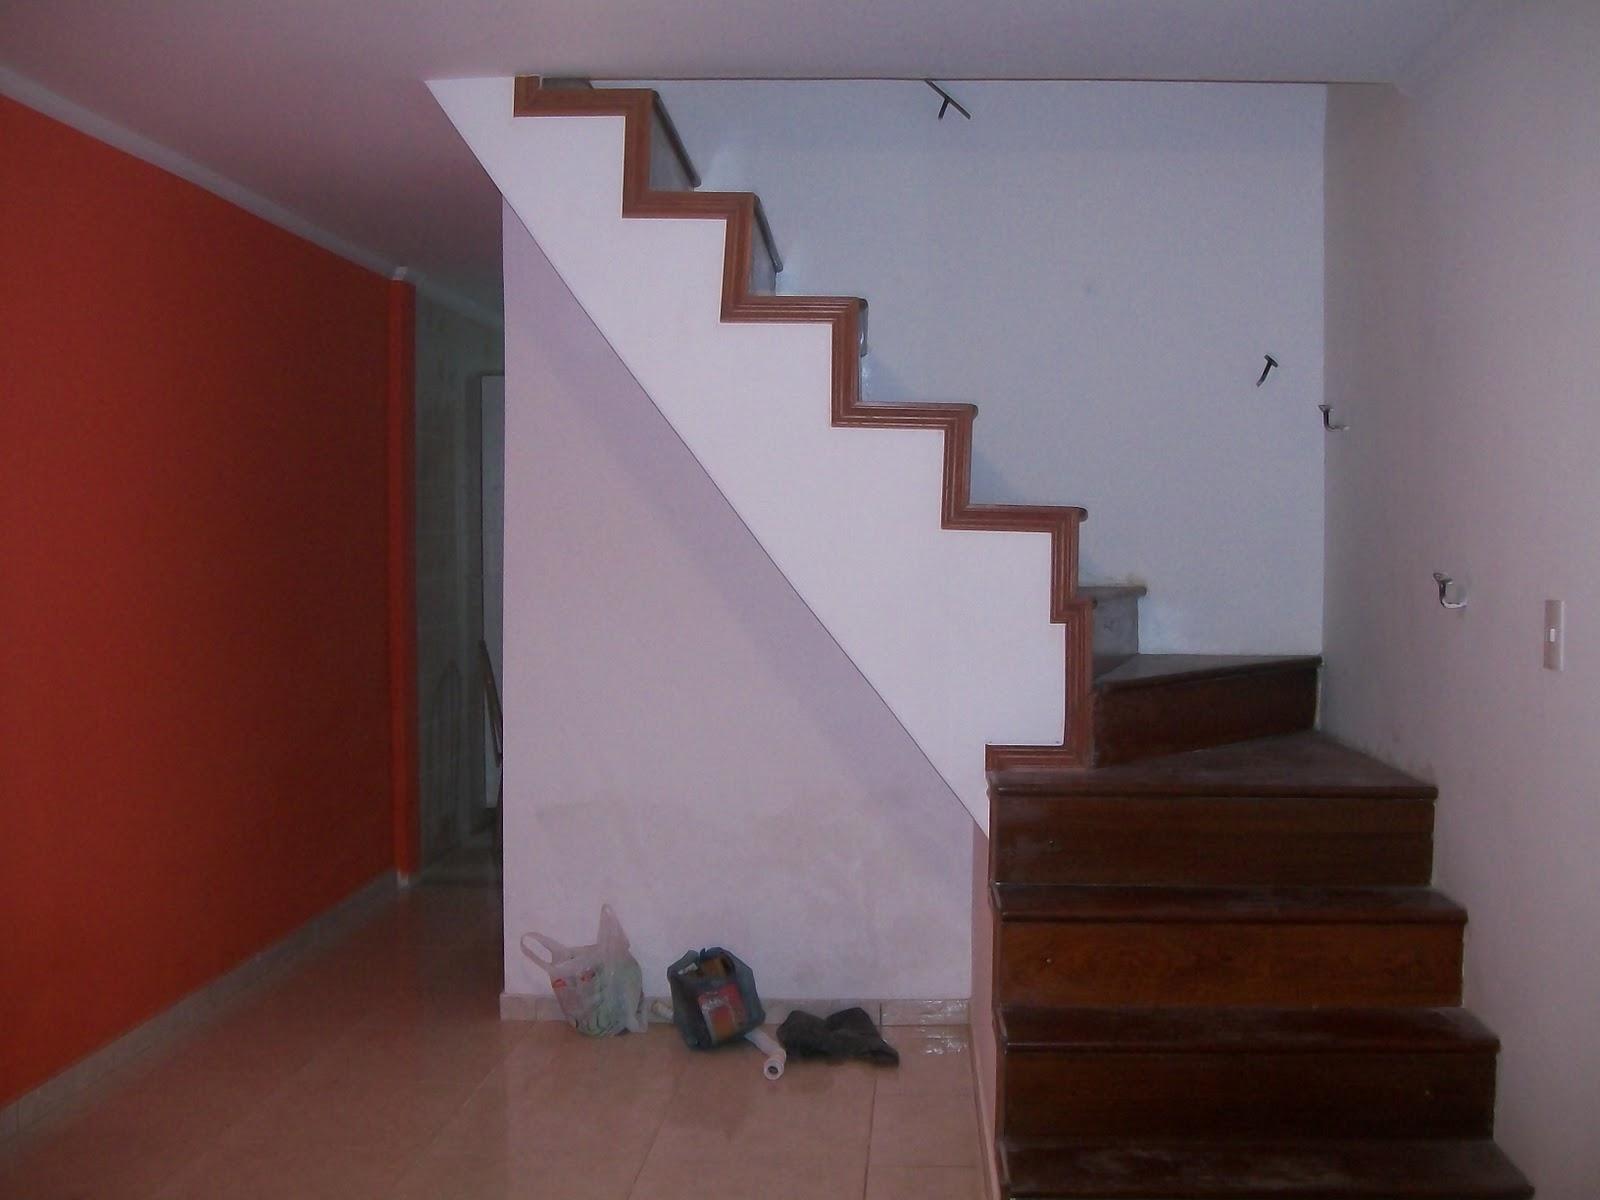 Fotos De Escadas Na Sala De Jantar ~ Dai, casa e etc Minha 1ª postagem